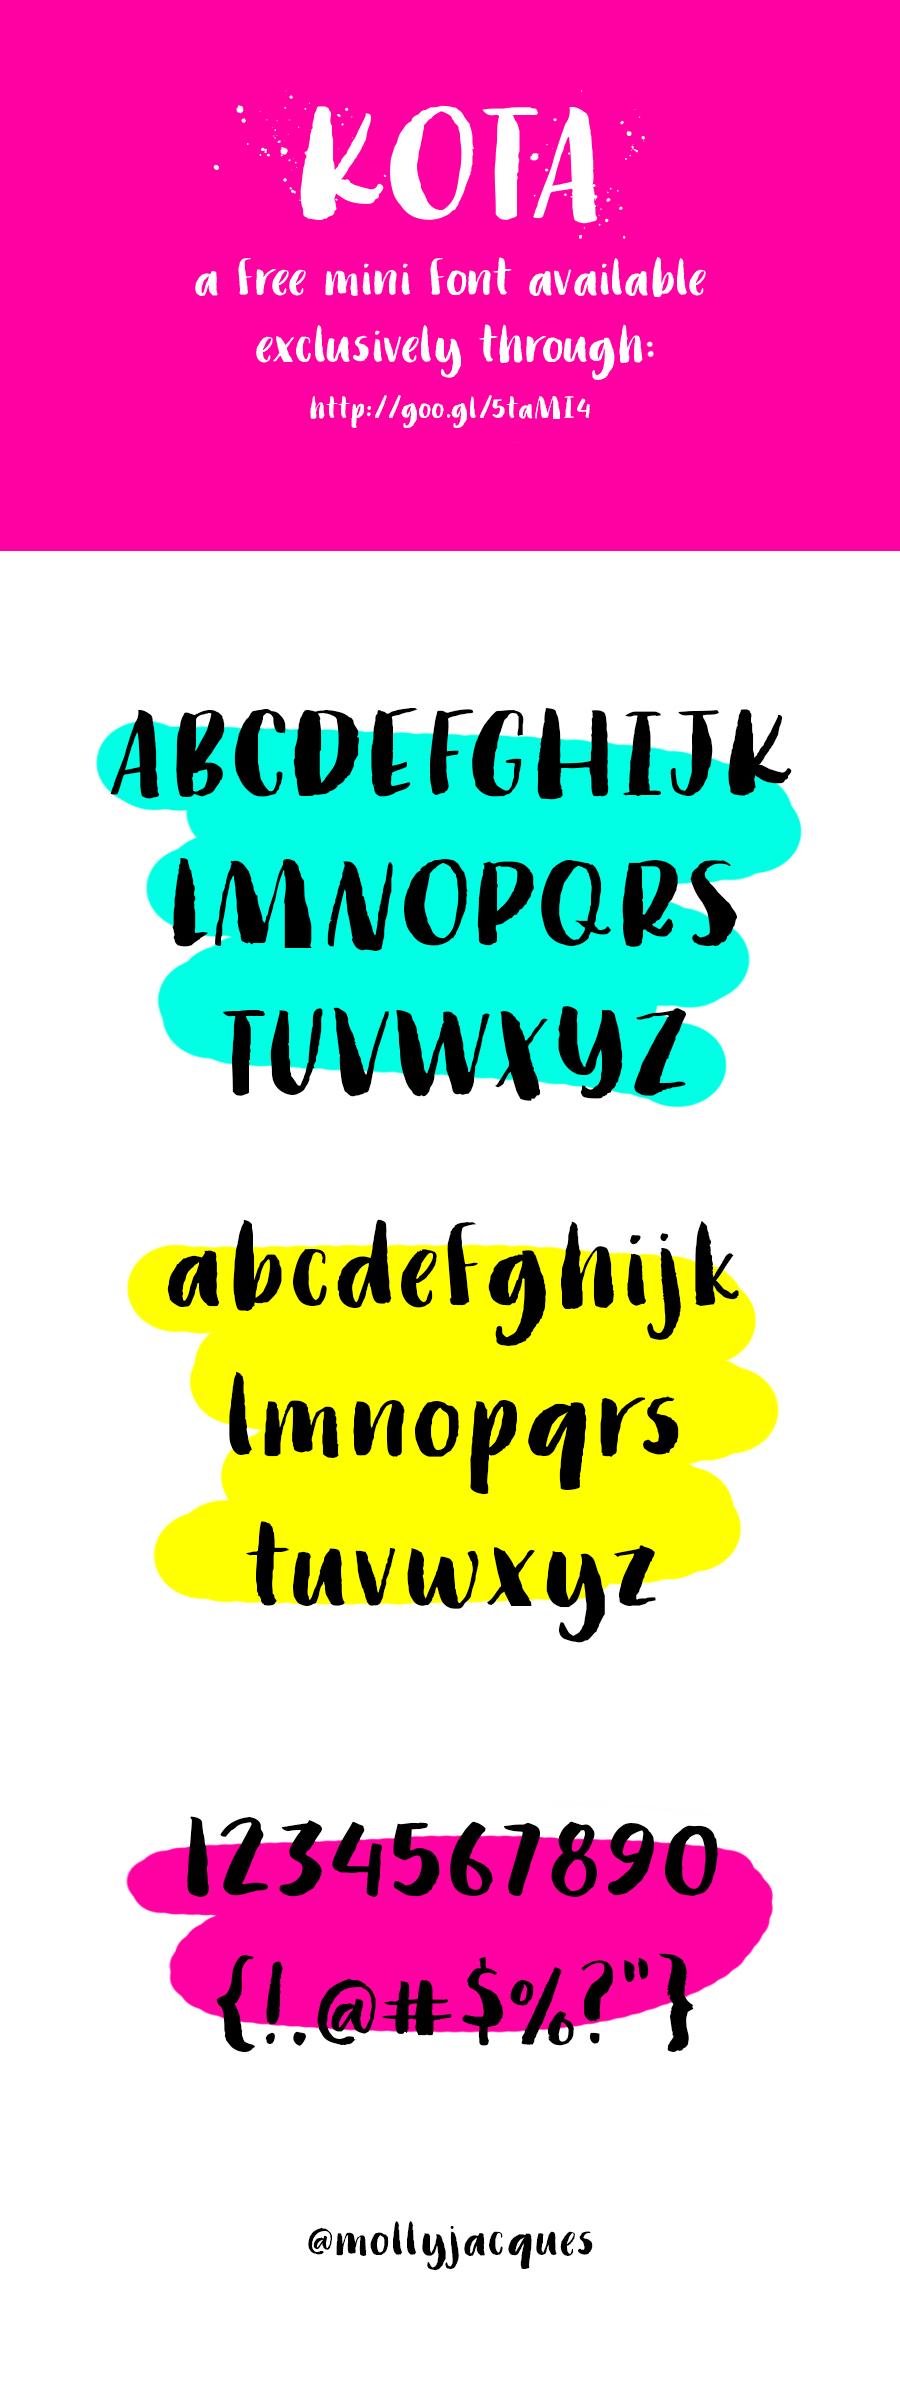 @mollyjacques Kota Mini Font (Free!)